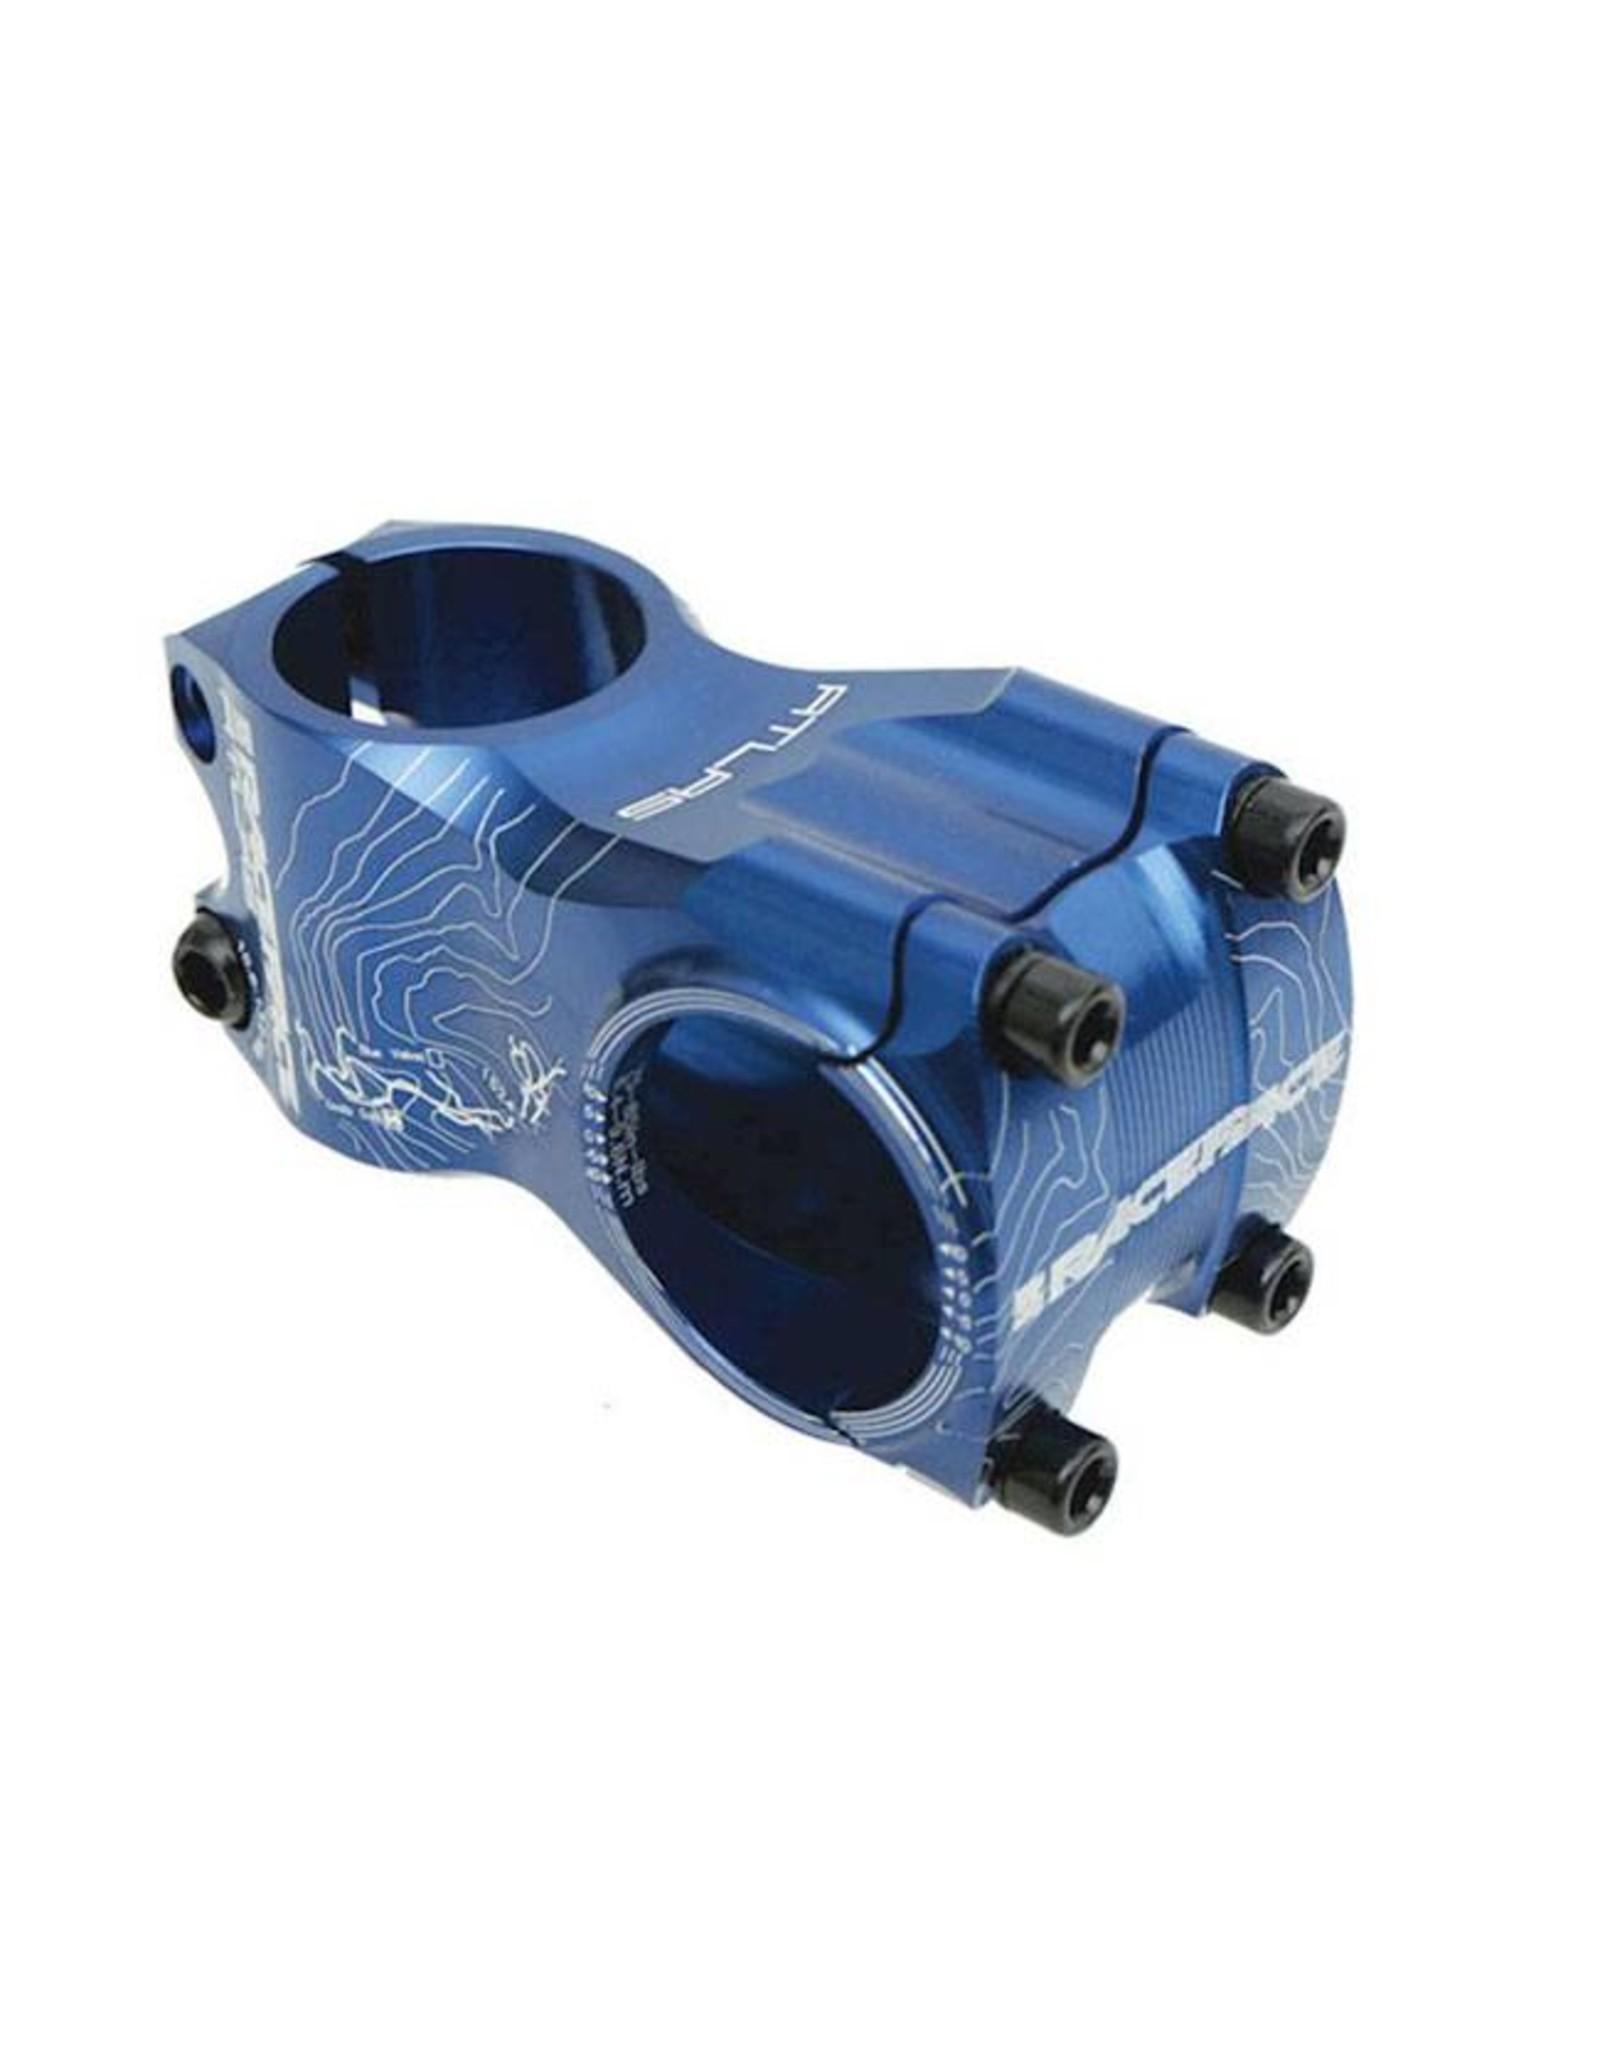 RaceFace RaceFace Atlas Stem, 50mm +/- 0 degree Blue